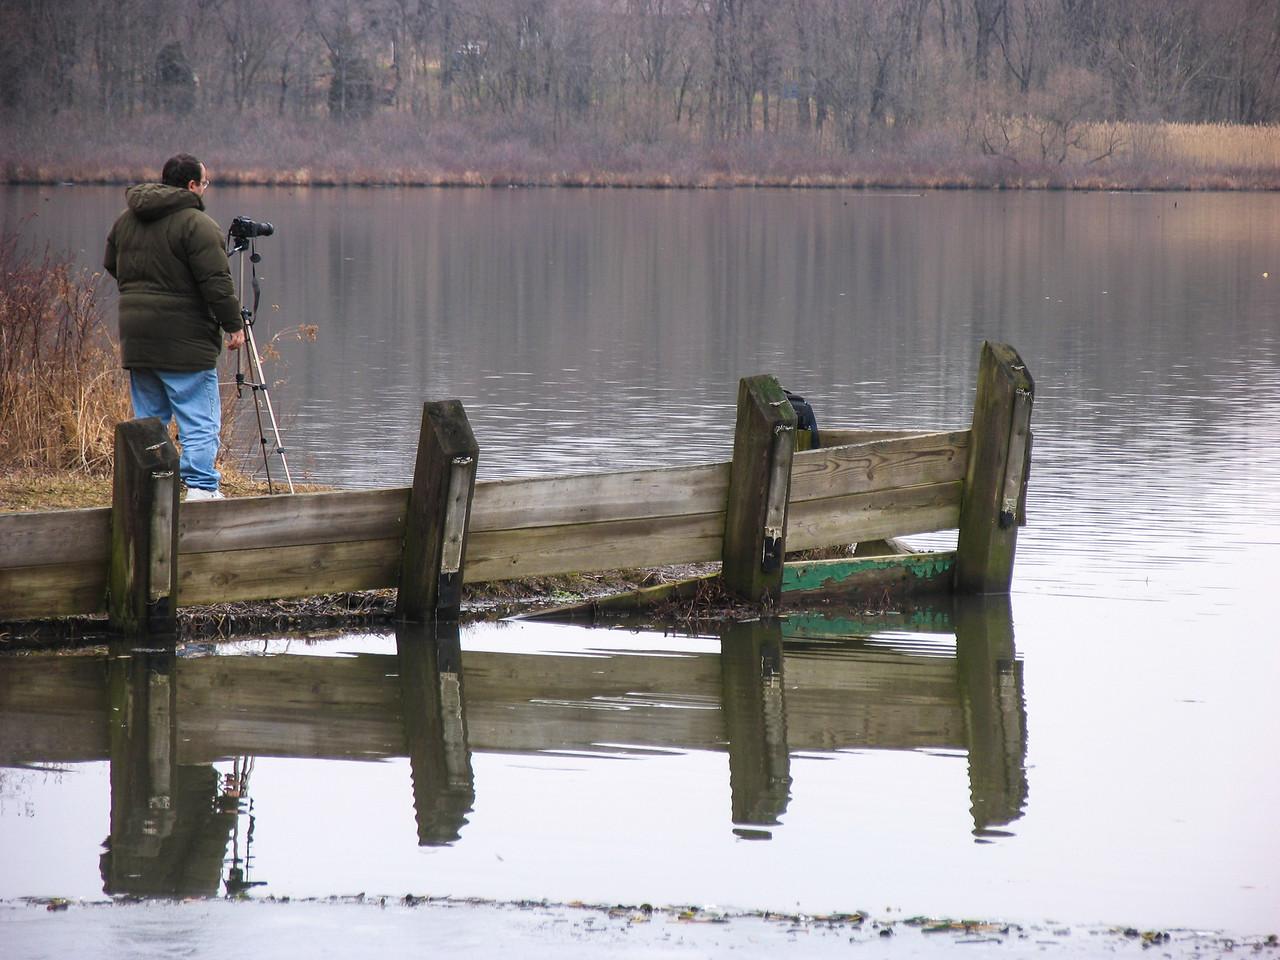 Dinu Iorga shooting at Lake Towhee - January 2005